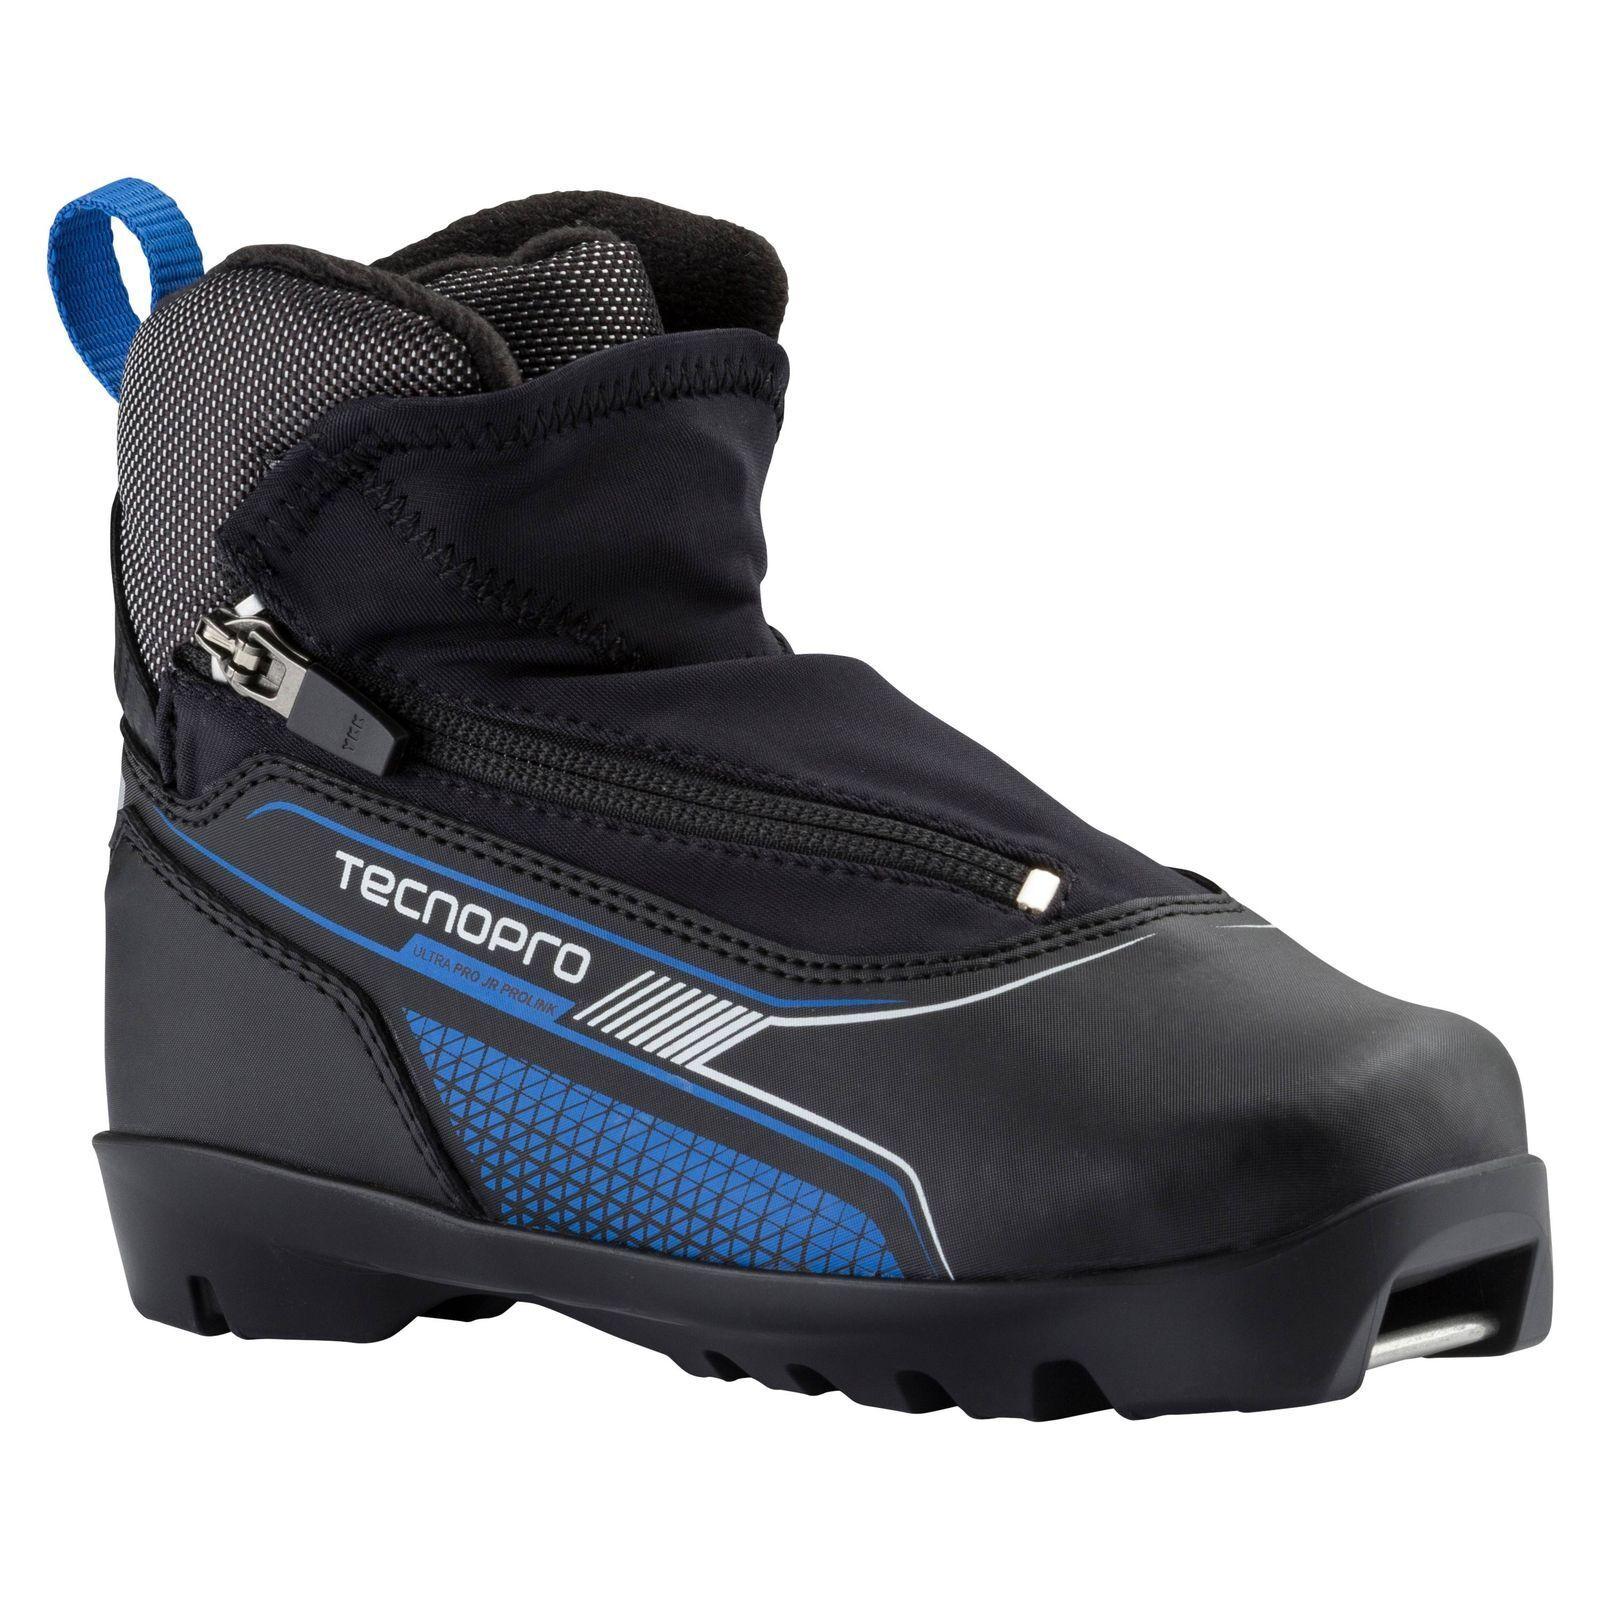 TecnoPro Kinder Langlaufschuh Ultra Pro Jr ProlinK für NNN Bindung black blue